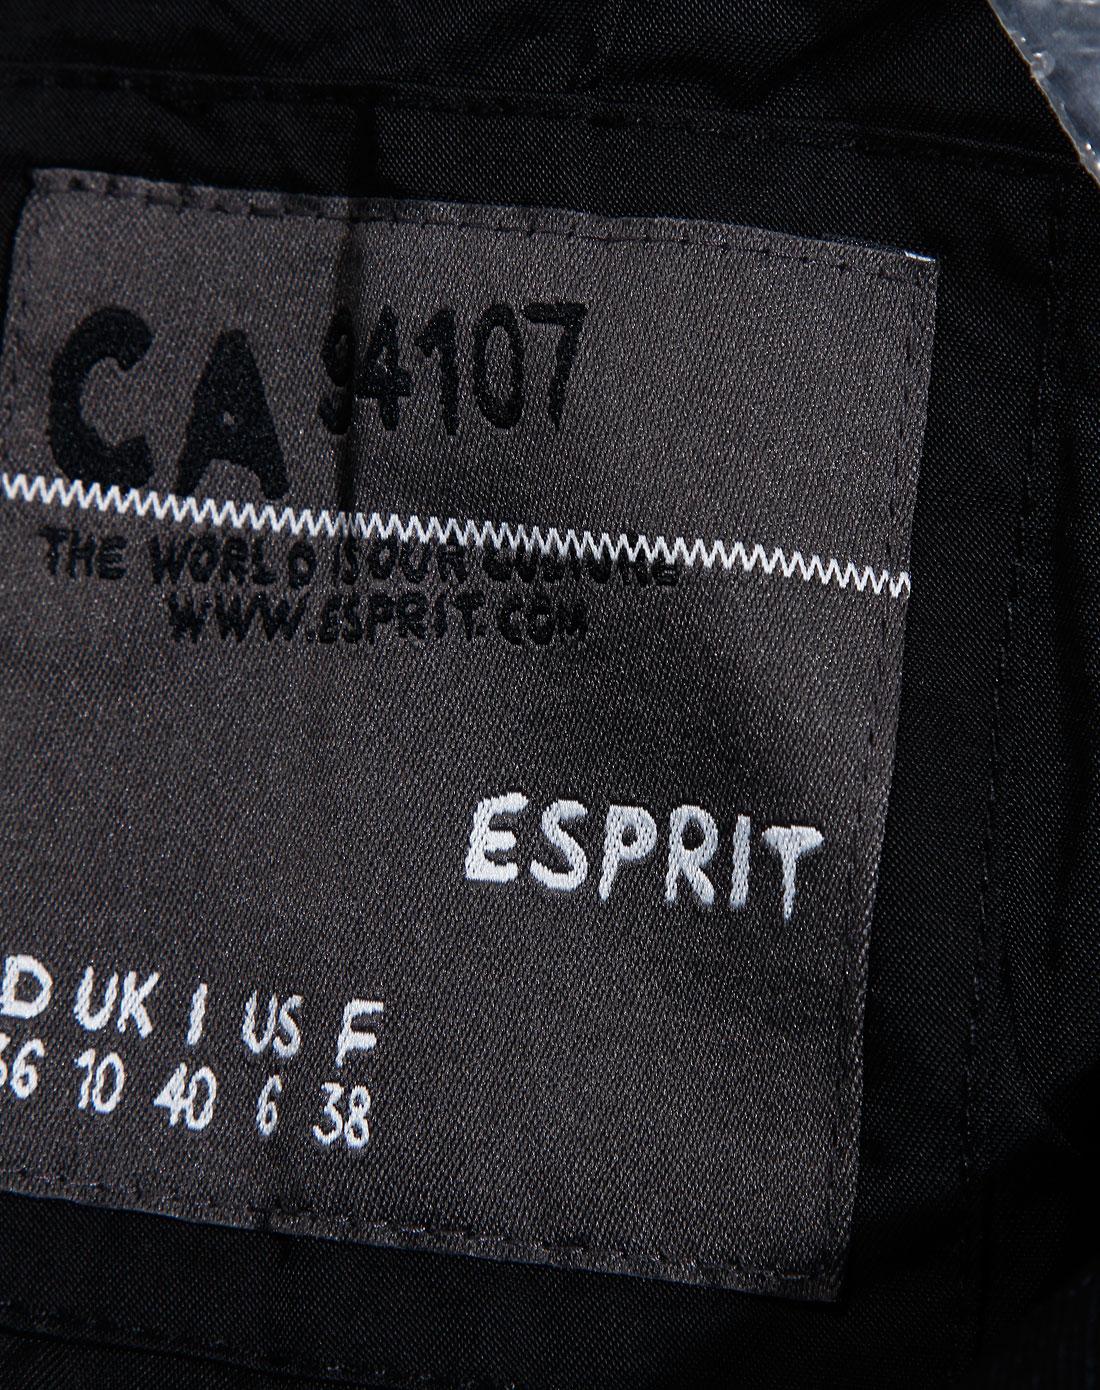 Esprit 女款黑色翻领长袖时尚外套 埃斯普利特Esprit官网特价2.5图片